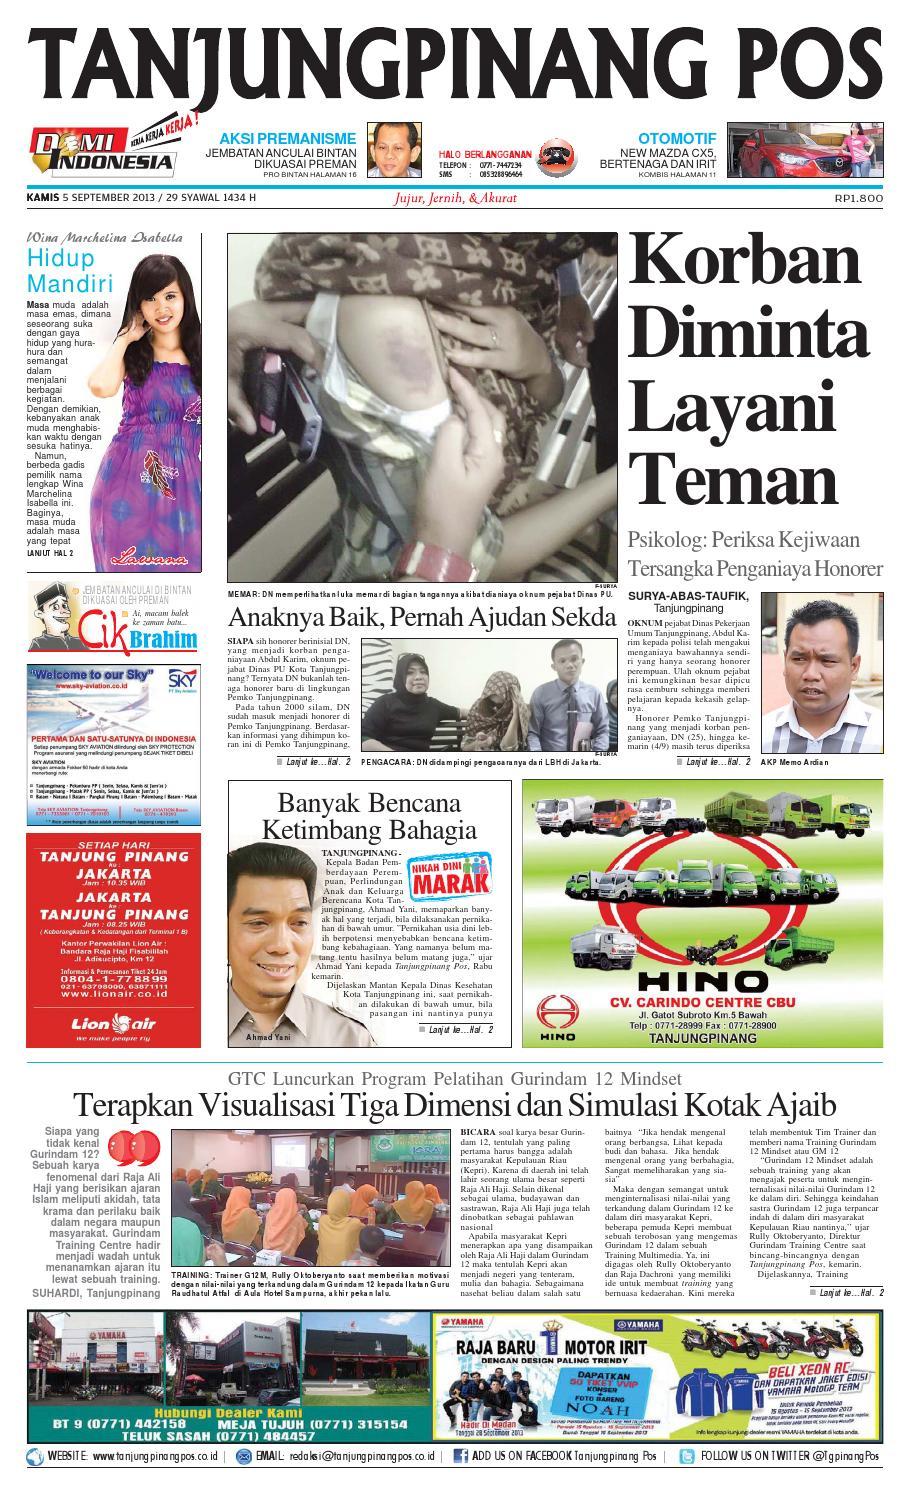 Epaper Tanjungpinangpos 5 September 2013 By Tanjungpinangpos Issuu